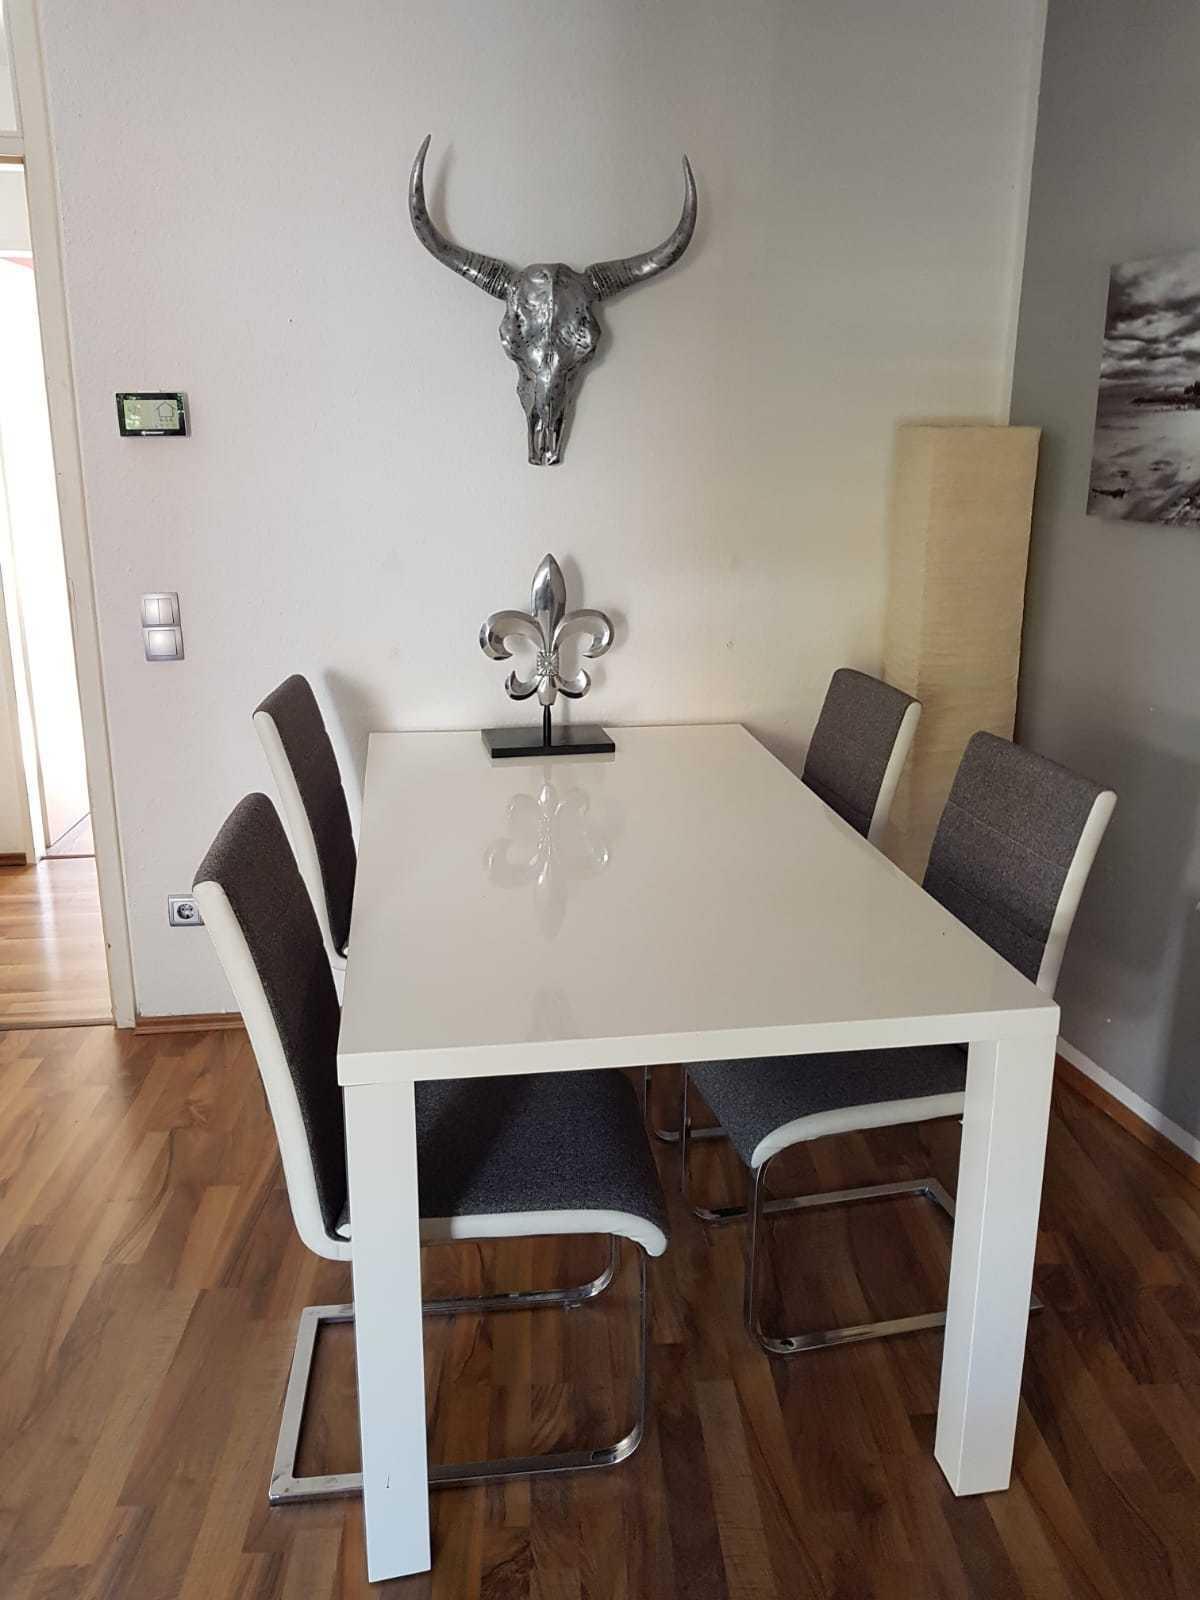 Cool Tisch Esszimmer Foto Von Essgruppe Esstisch Küchentisch Esszimmerstuhl Stuhl Sitzgruppe